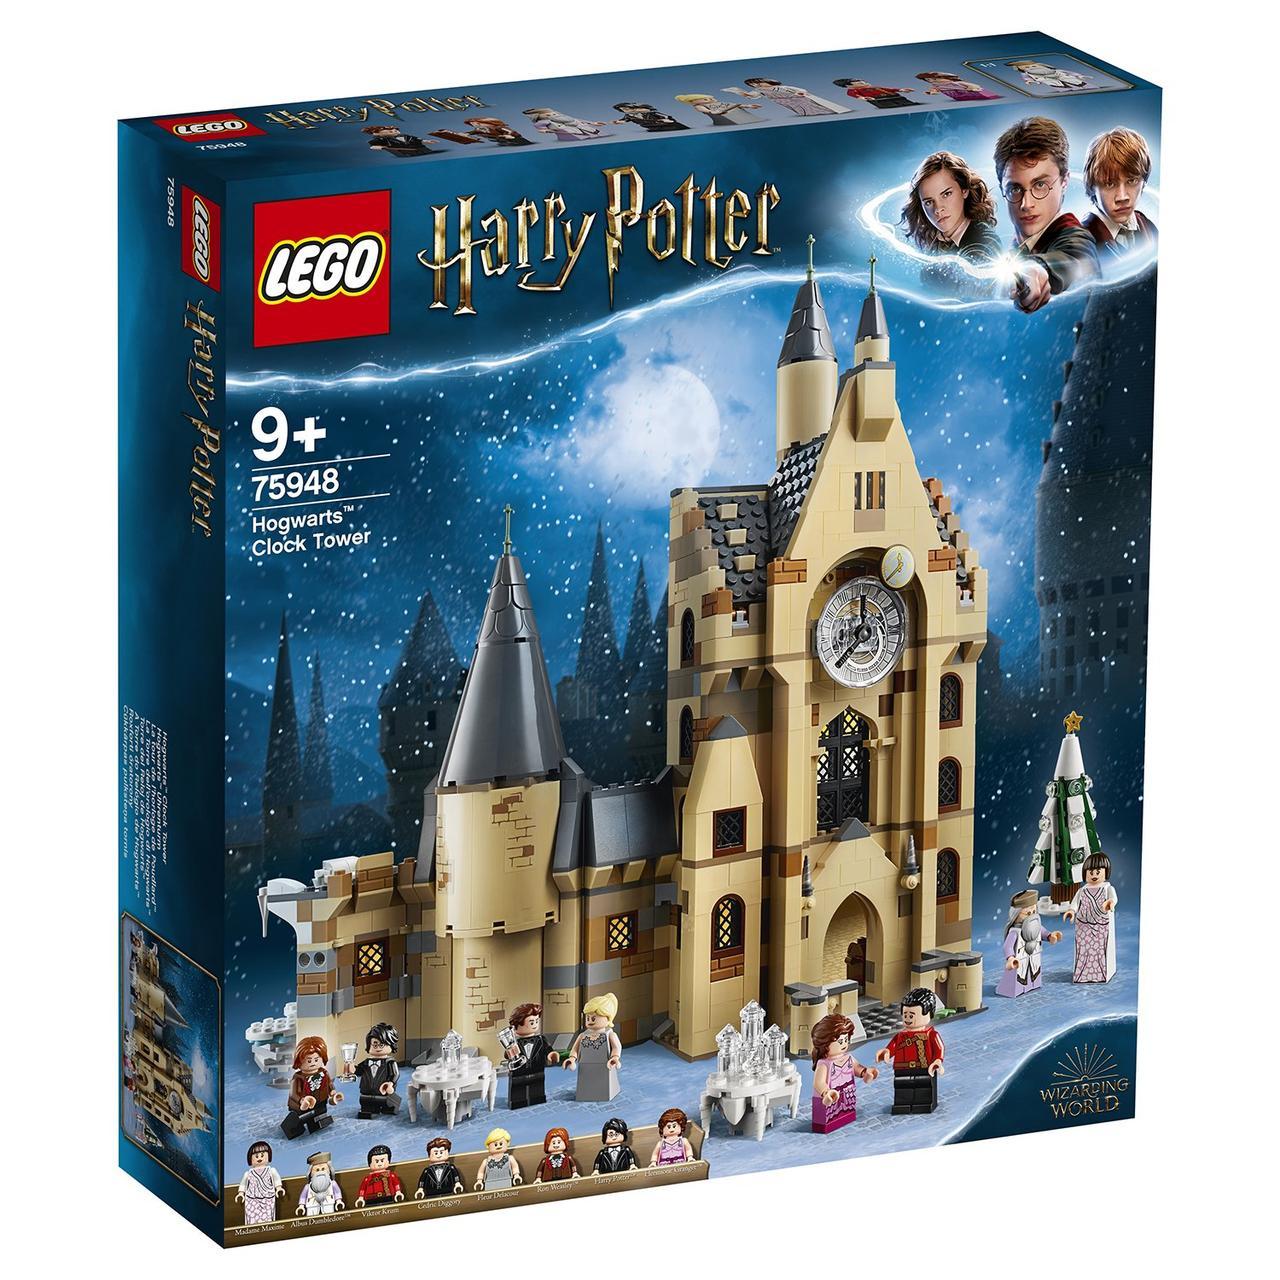 75948 Lego Harry Potter Часовая башня Хогвартса, Лего Гарри Поттер